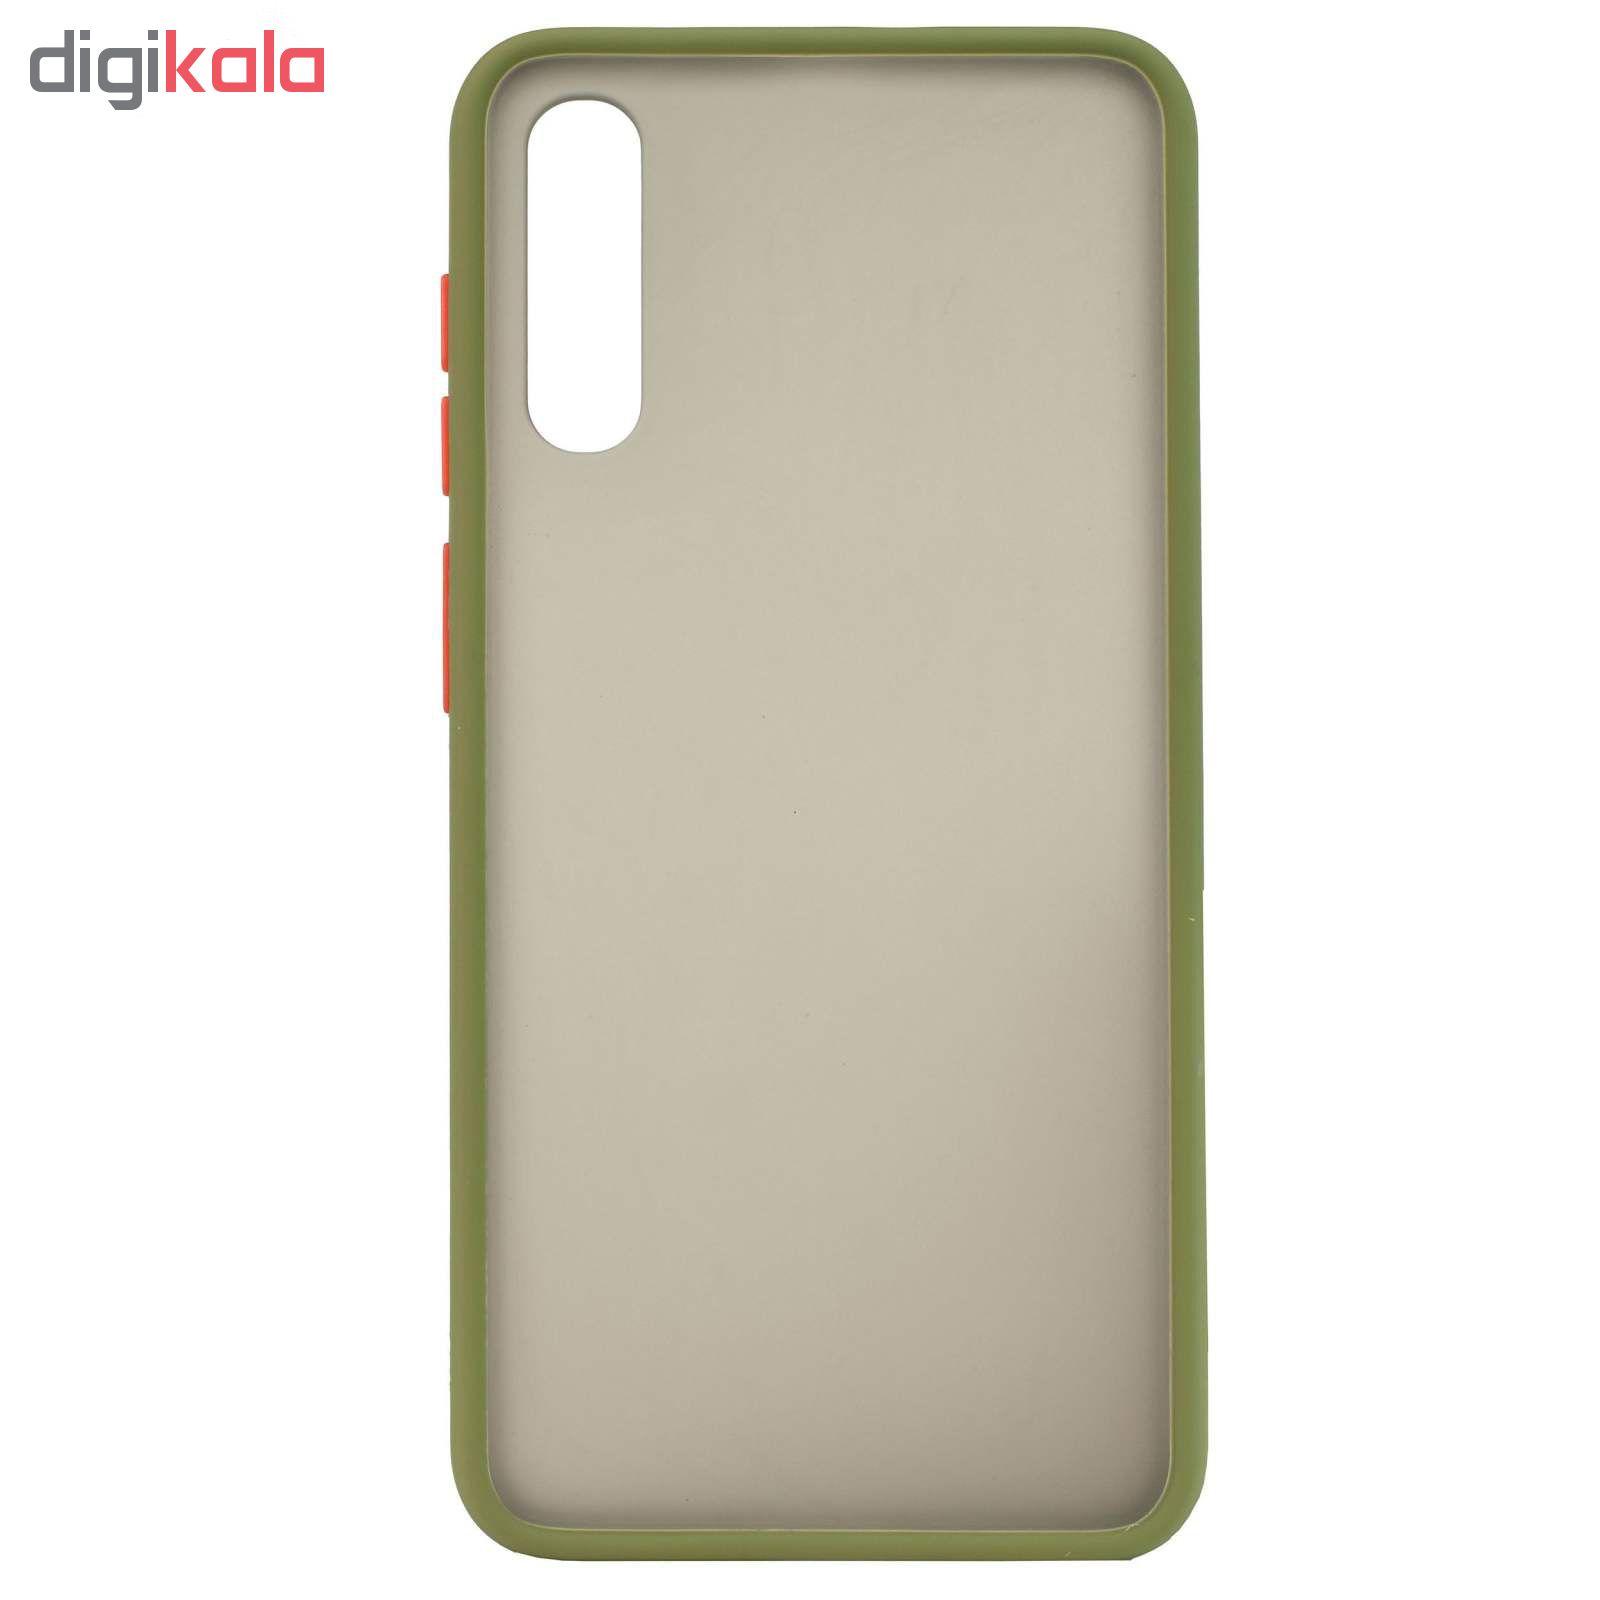 کاور مدل Sb-001 مناسب برای گوشی موبایل سامسونگ Galaxy A50/A30s/A50s main 1 9